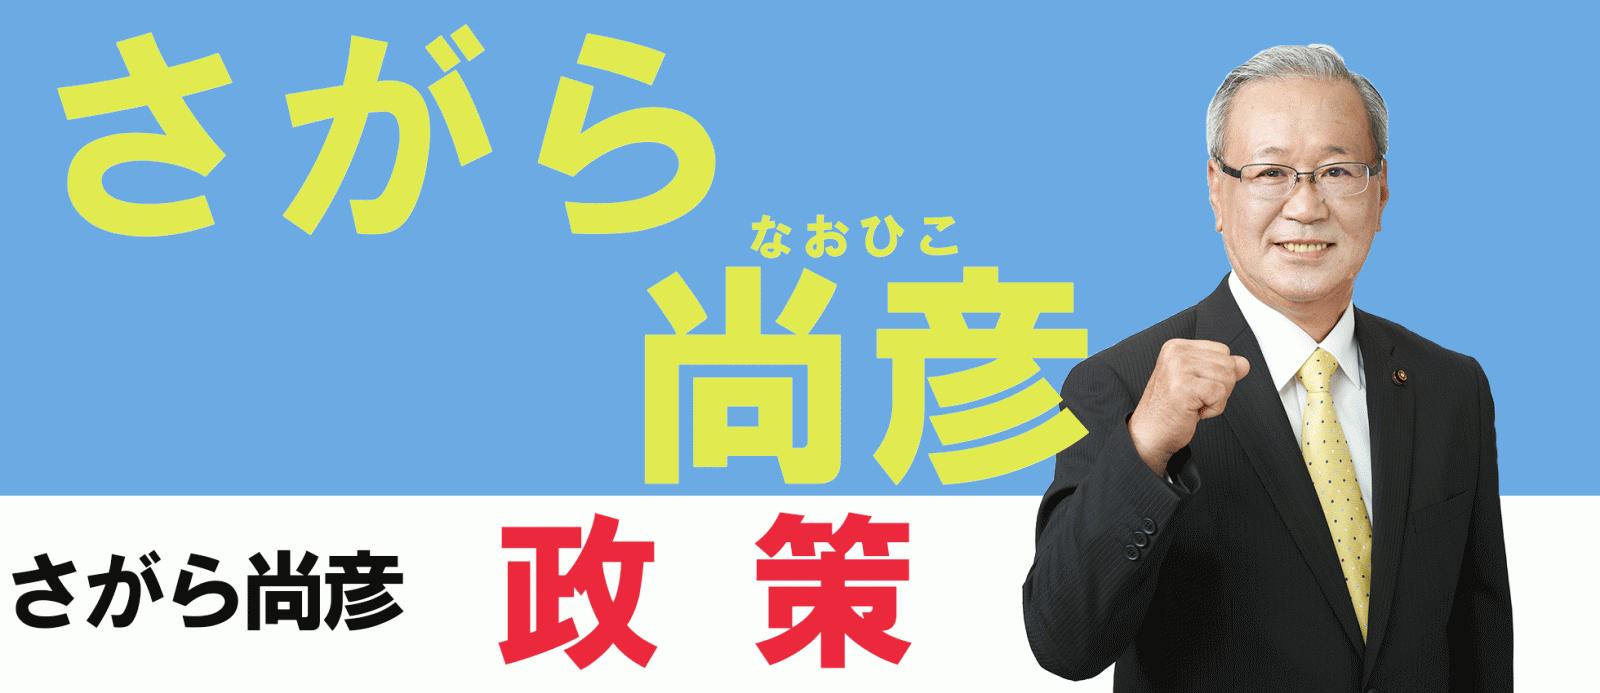 議員 選挙 市議会 五島